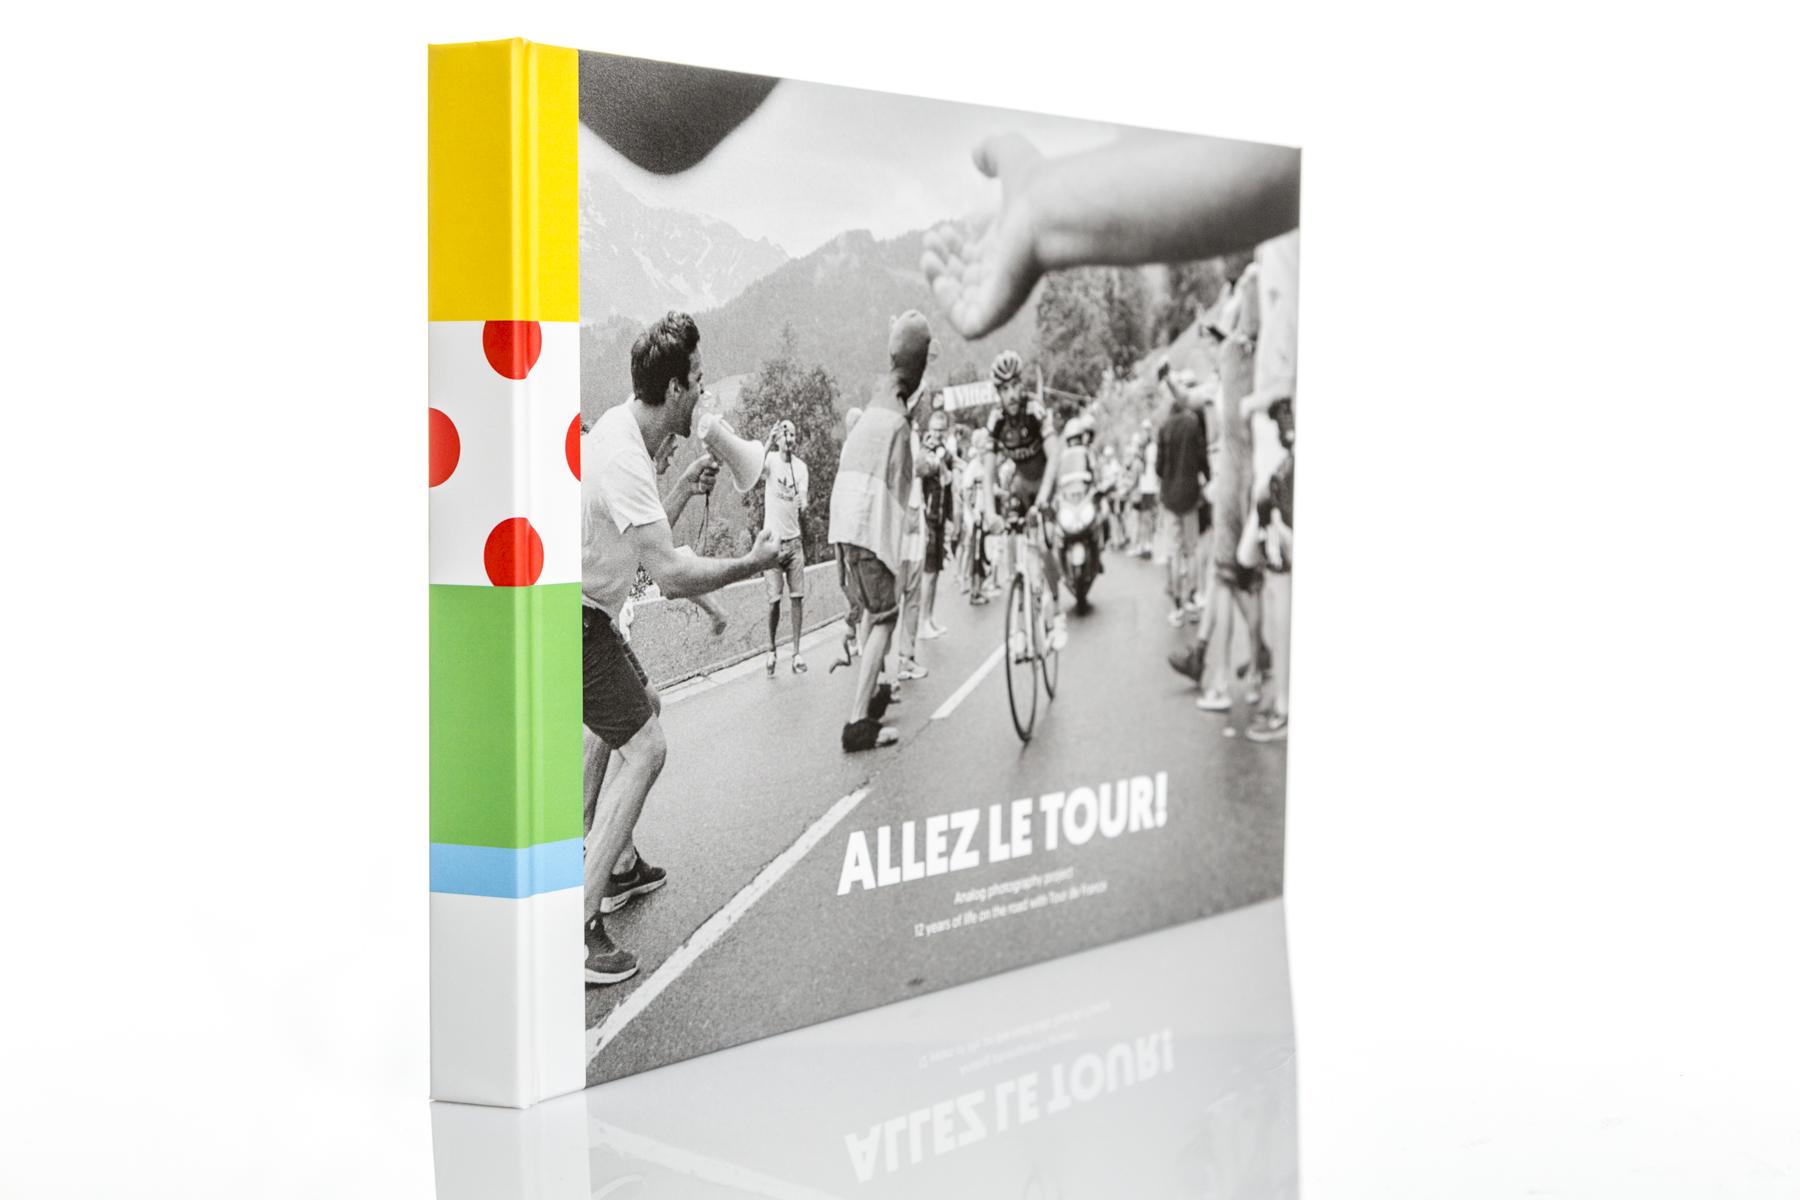 2017 Allezletourbuch WEB 22592